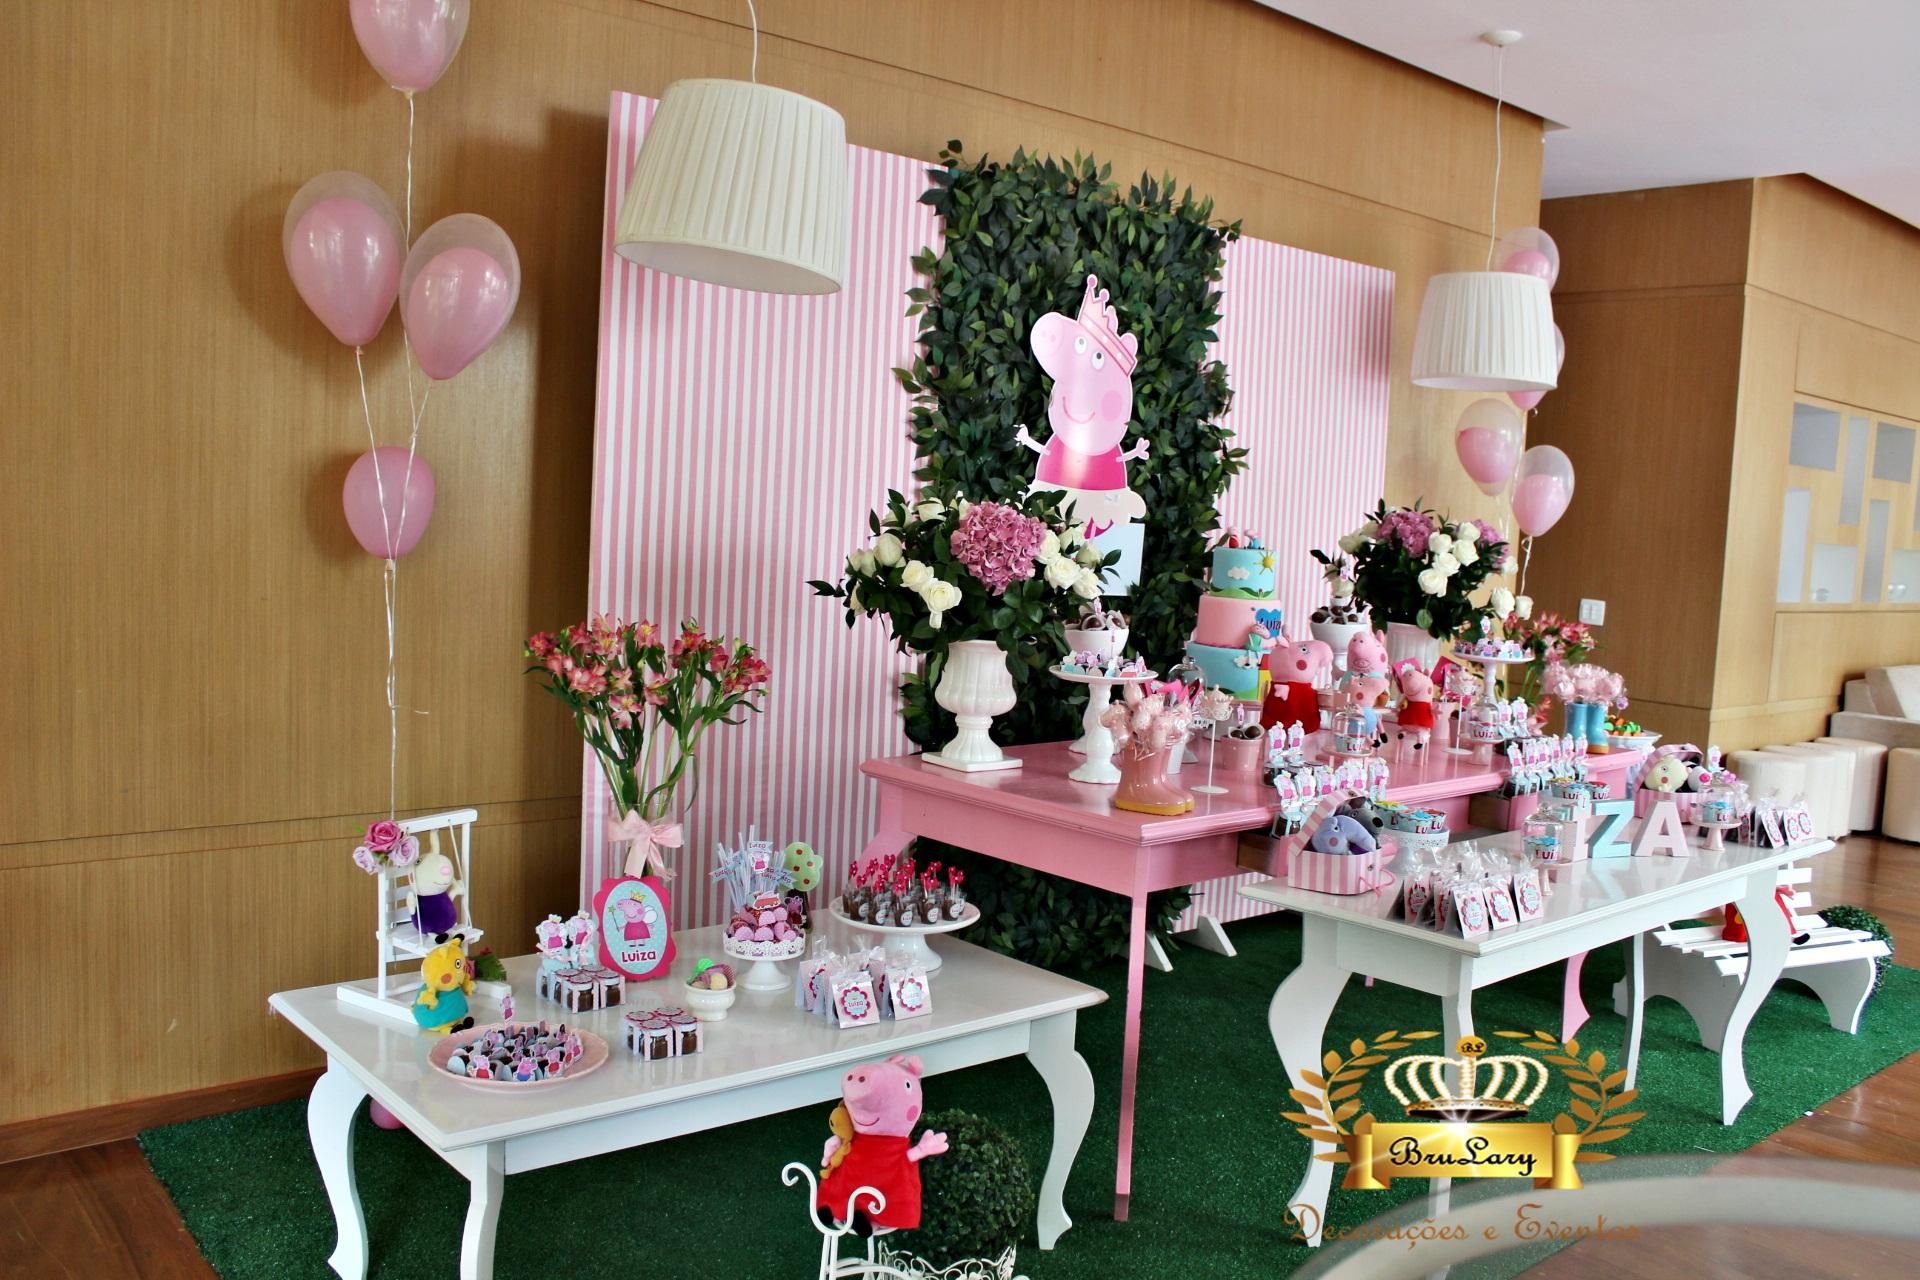 mesa jardim promocao:Decoração Peppa Pig -Promoção P Locação